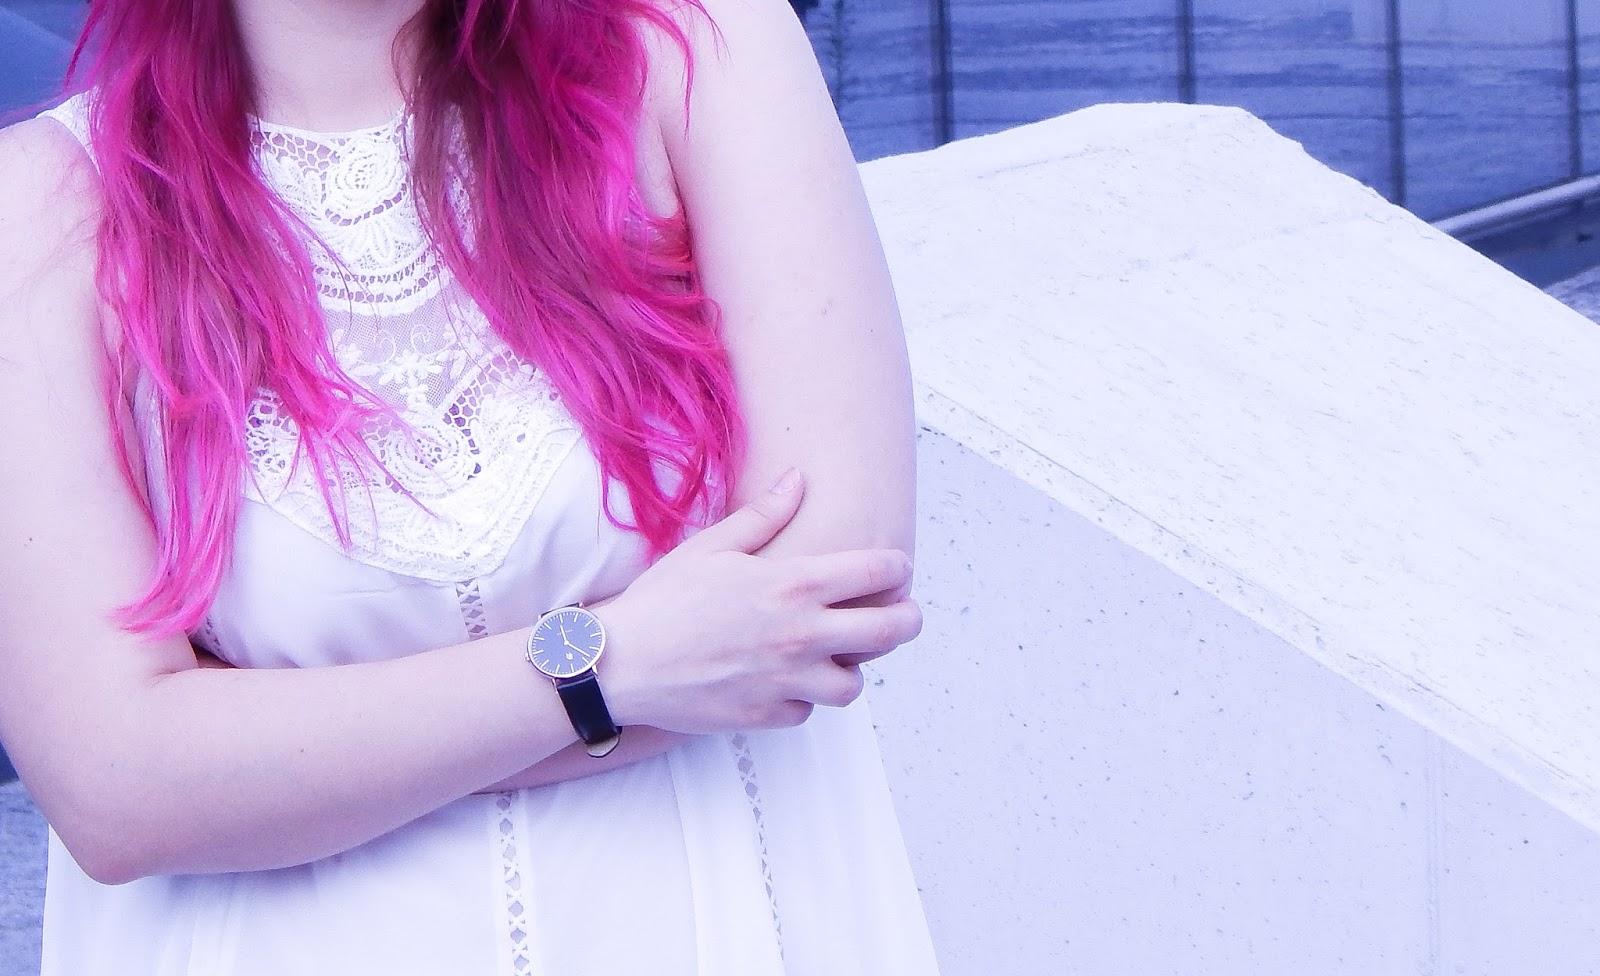 1 venita trendy cream ultra farba recenzja opinie trendy pastel mousse color 1 day spray metallic  1 night uv color efekt syrenki jednodniowa farba do włosów koloryzacja półtrwała różowa turkusowa niebieska